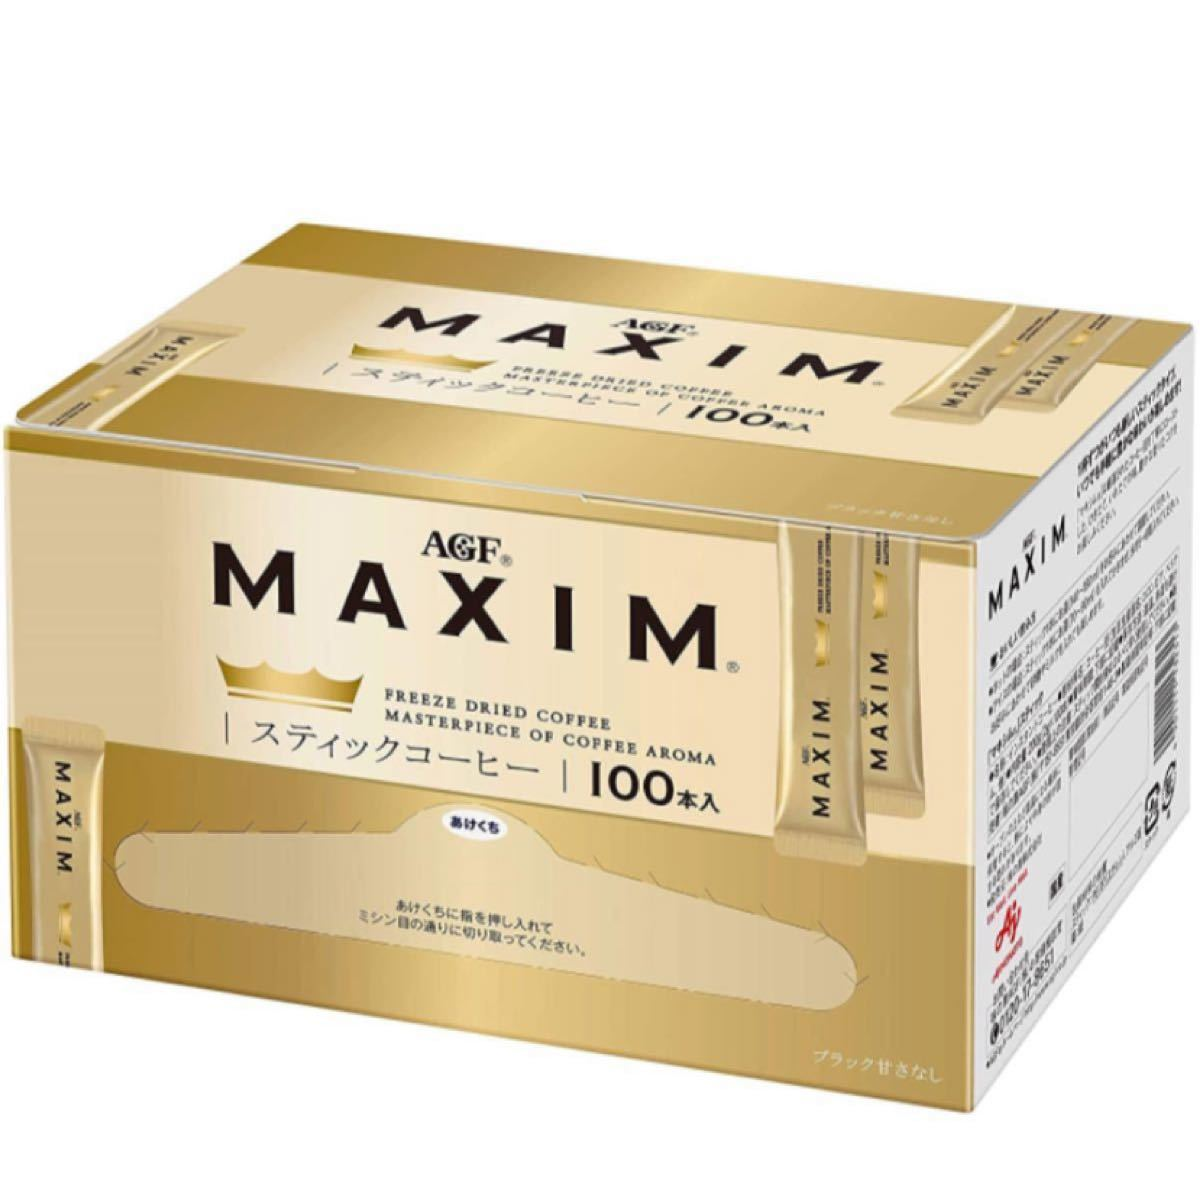 AGF MAXIM マキシム  コーヒー 100本 スティック インスタント 1箱